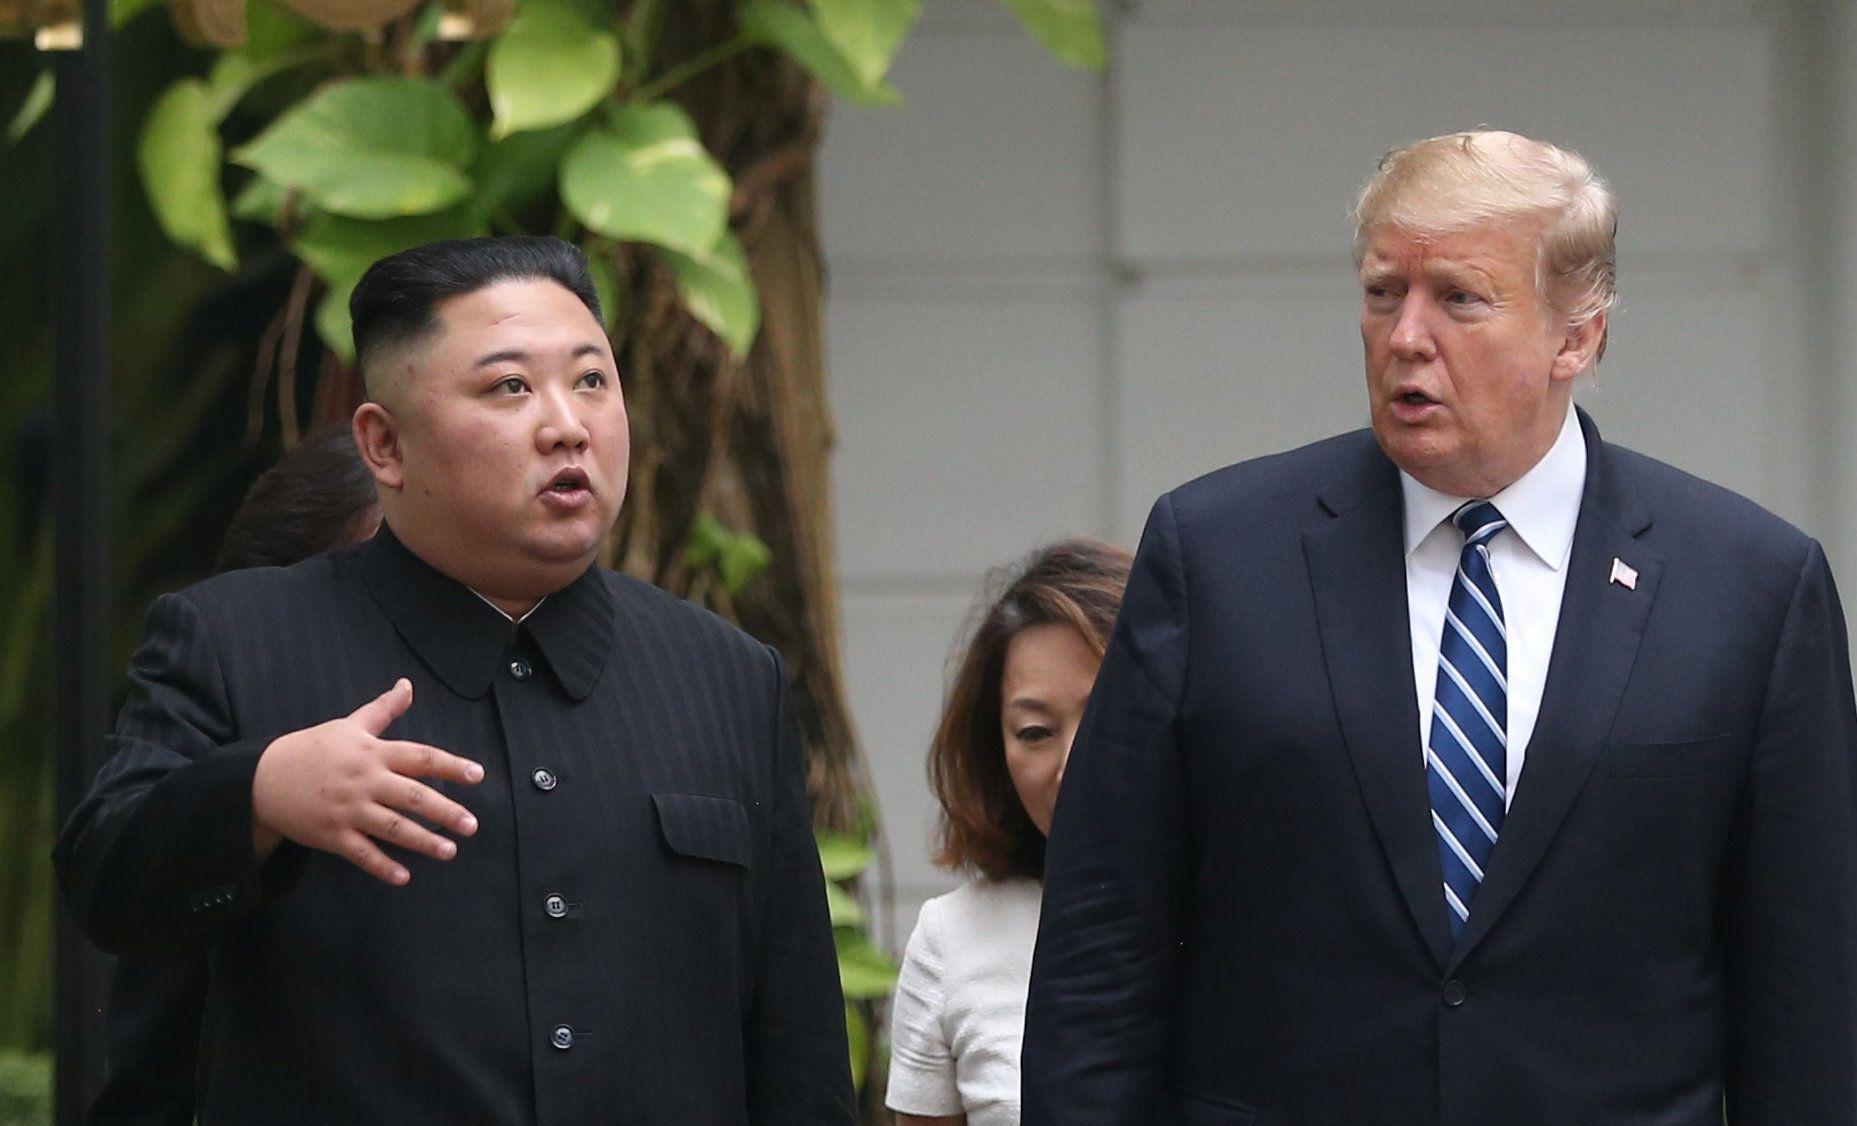 Hậu Hội nghị thượng đỉnh Mỹ - Triều lần thứ 2: Chưa tắt hy vọng đàm phán hòa bình (10/3/2019)